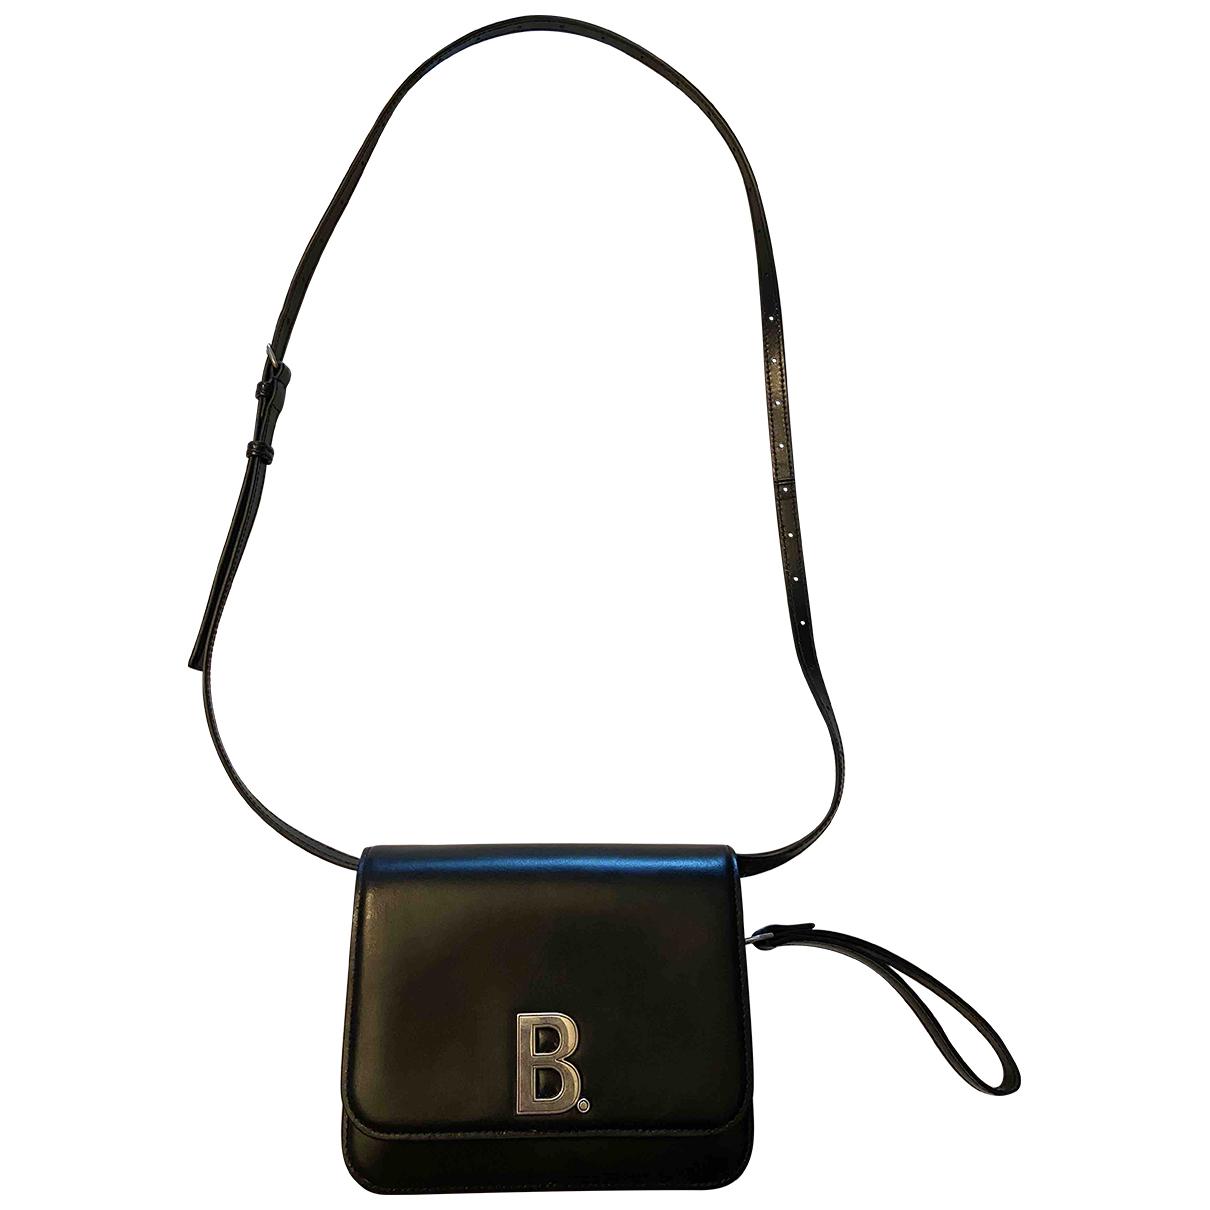 Balenciaga - Sac a main B pour femme en cuir - noir